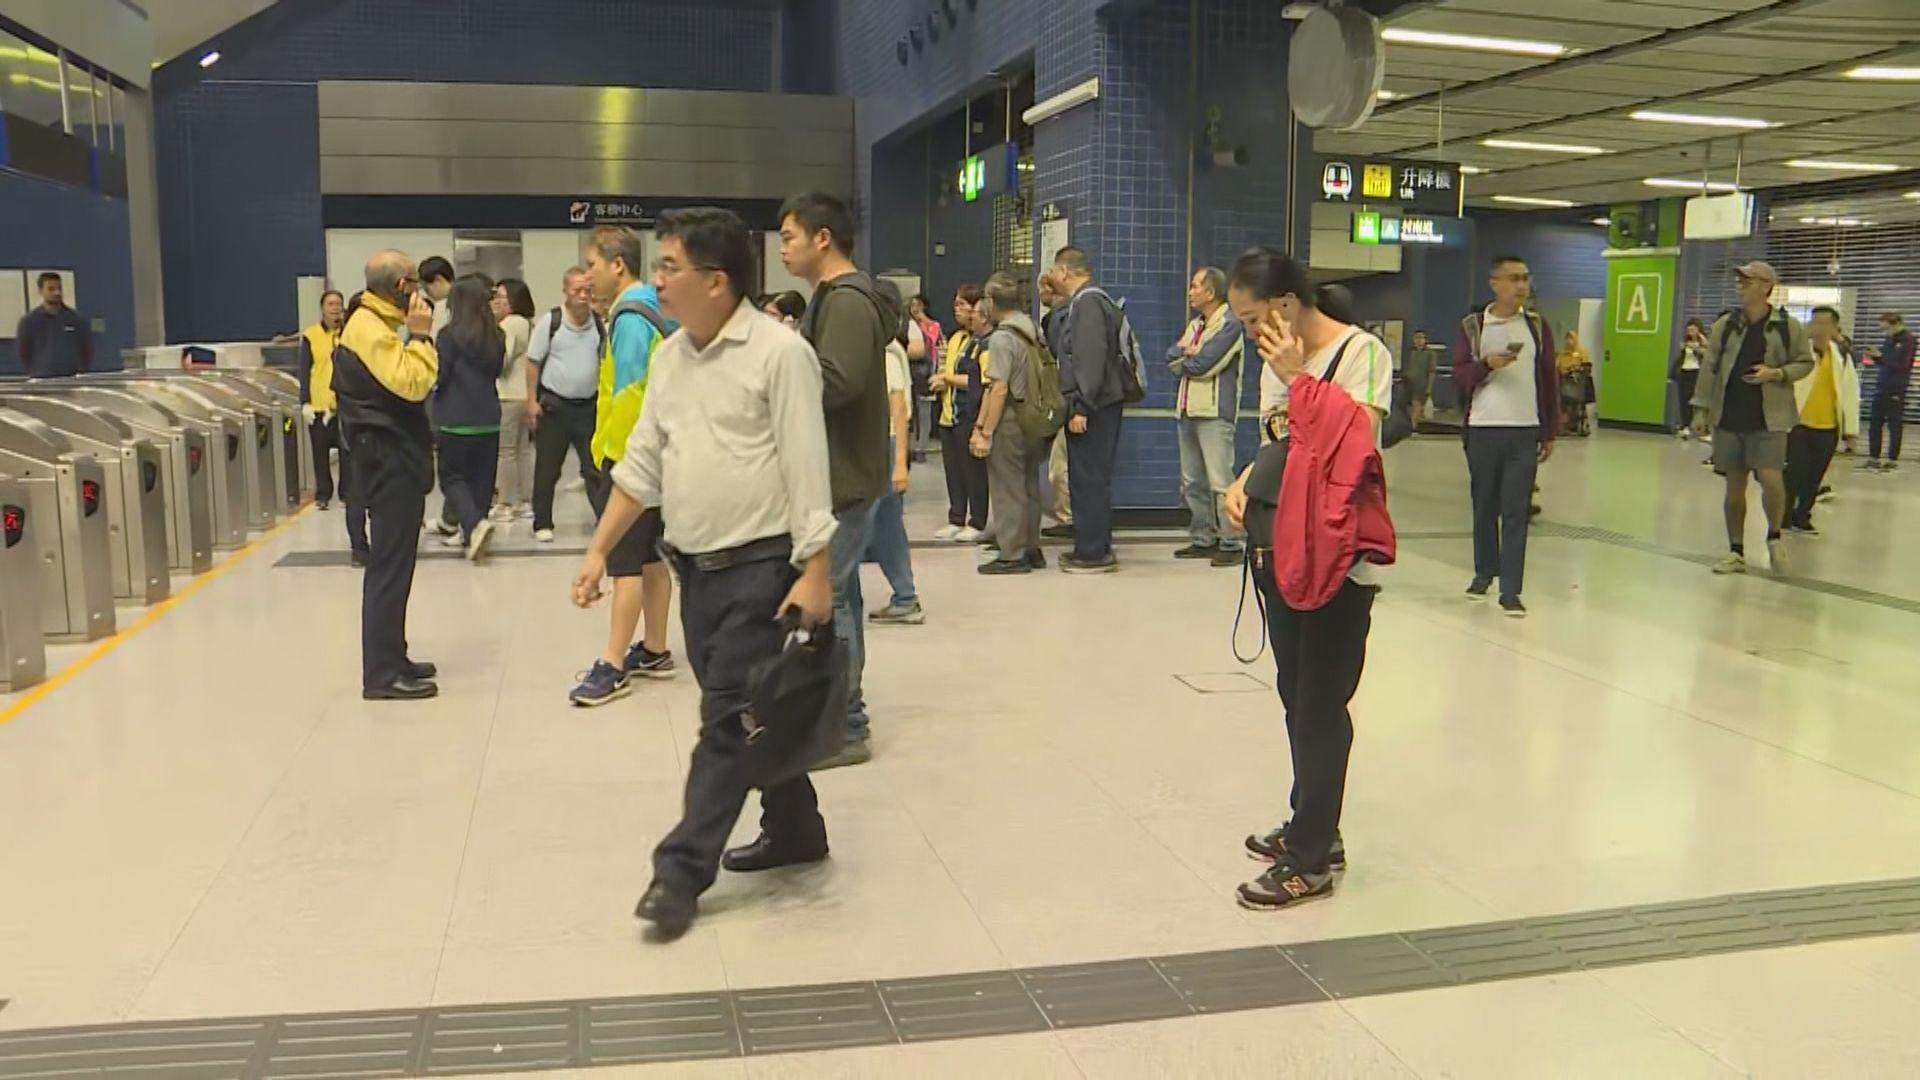 港鐵指因應突發情況 東鐵綫及多個車站服務